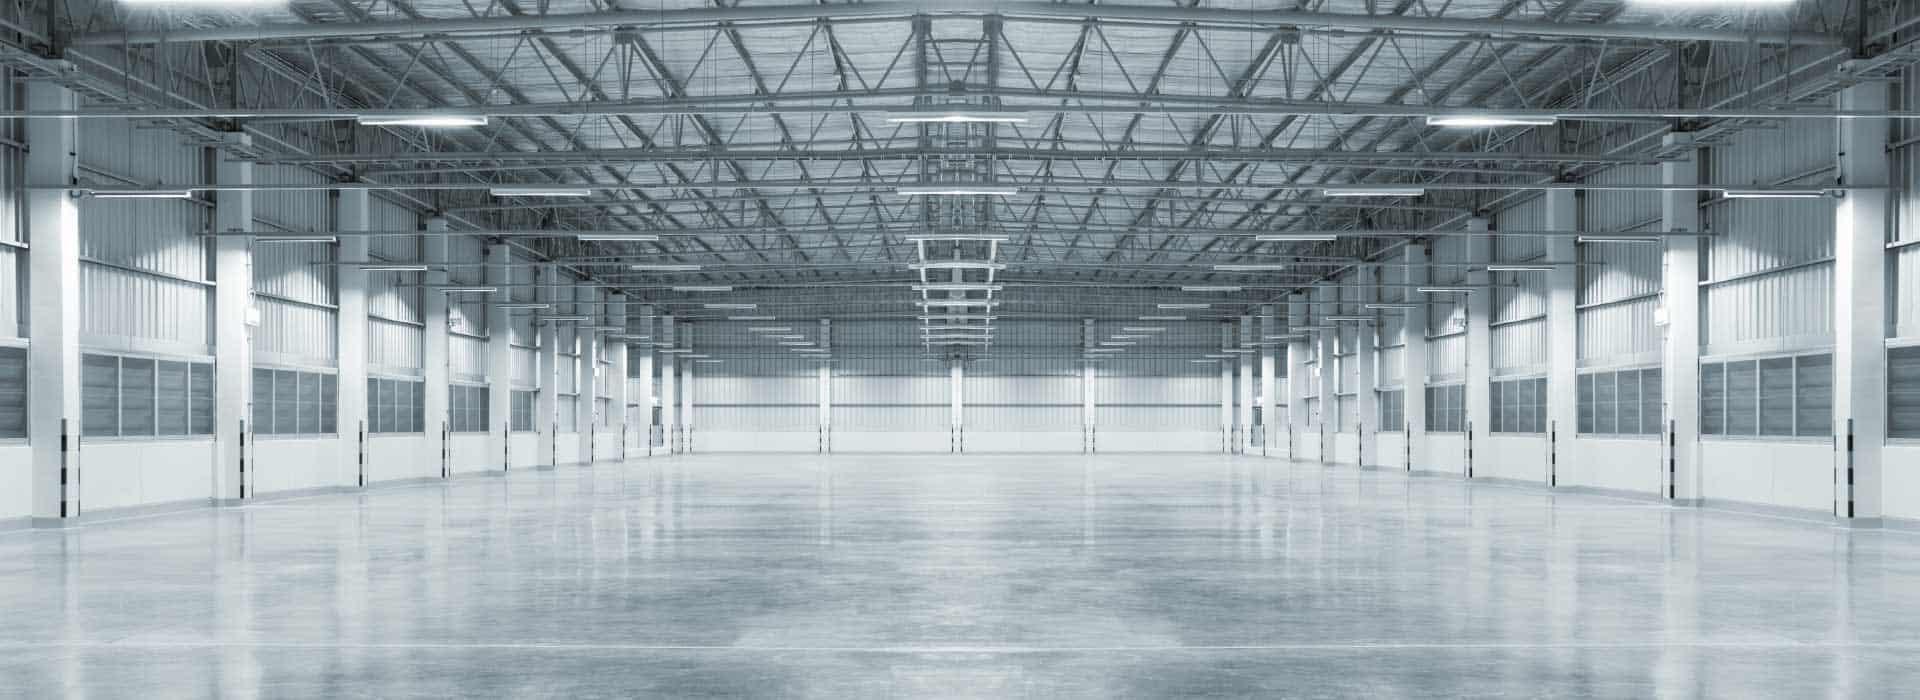 imagen de interior de nave industrial vacia